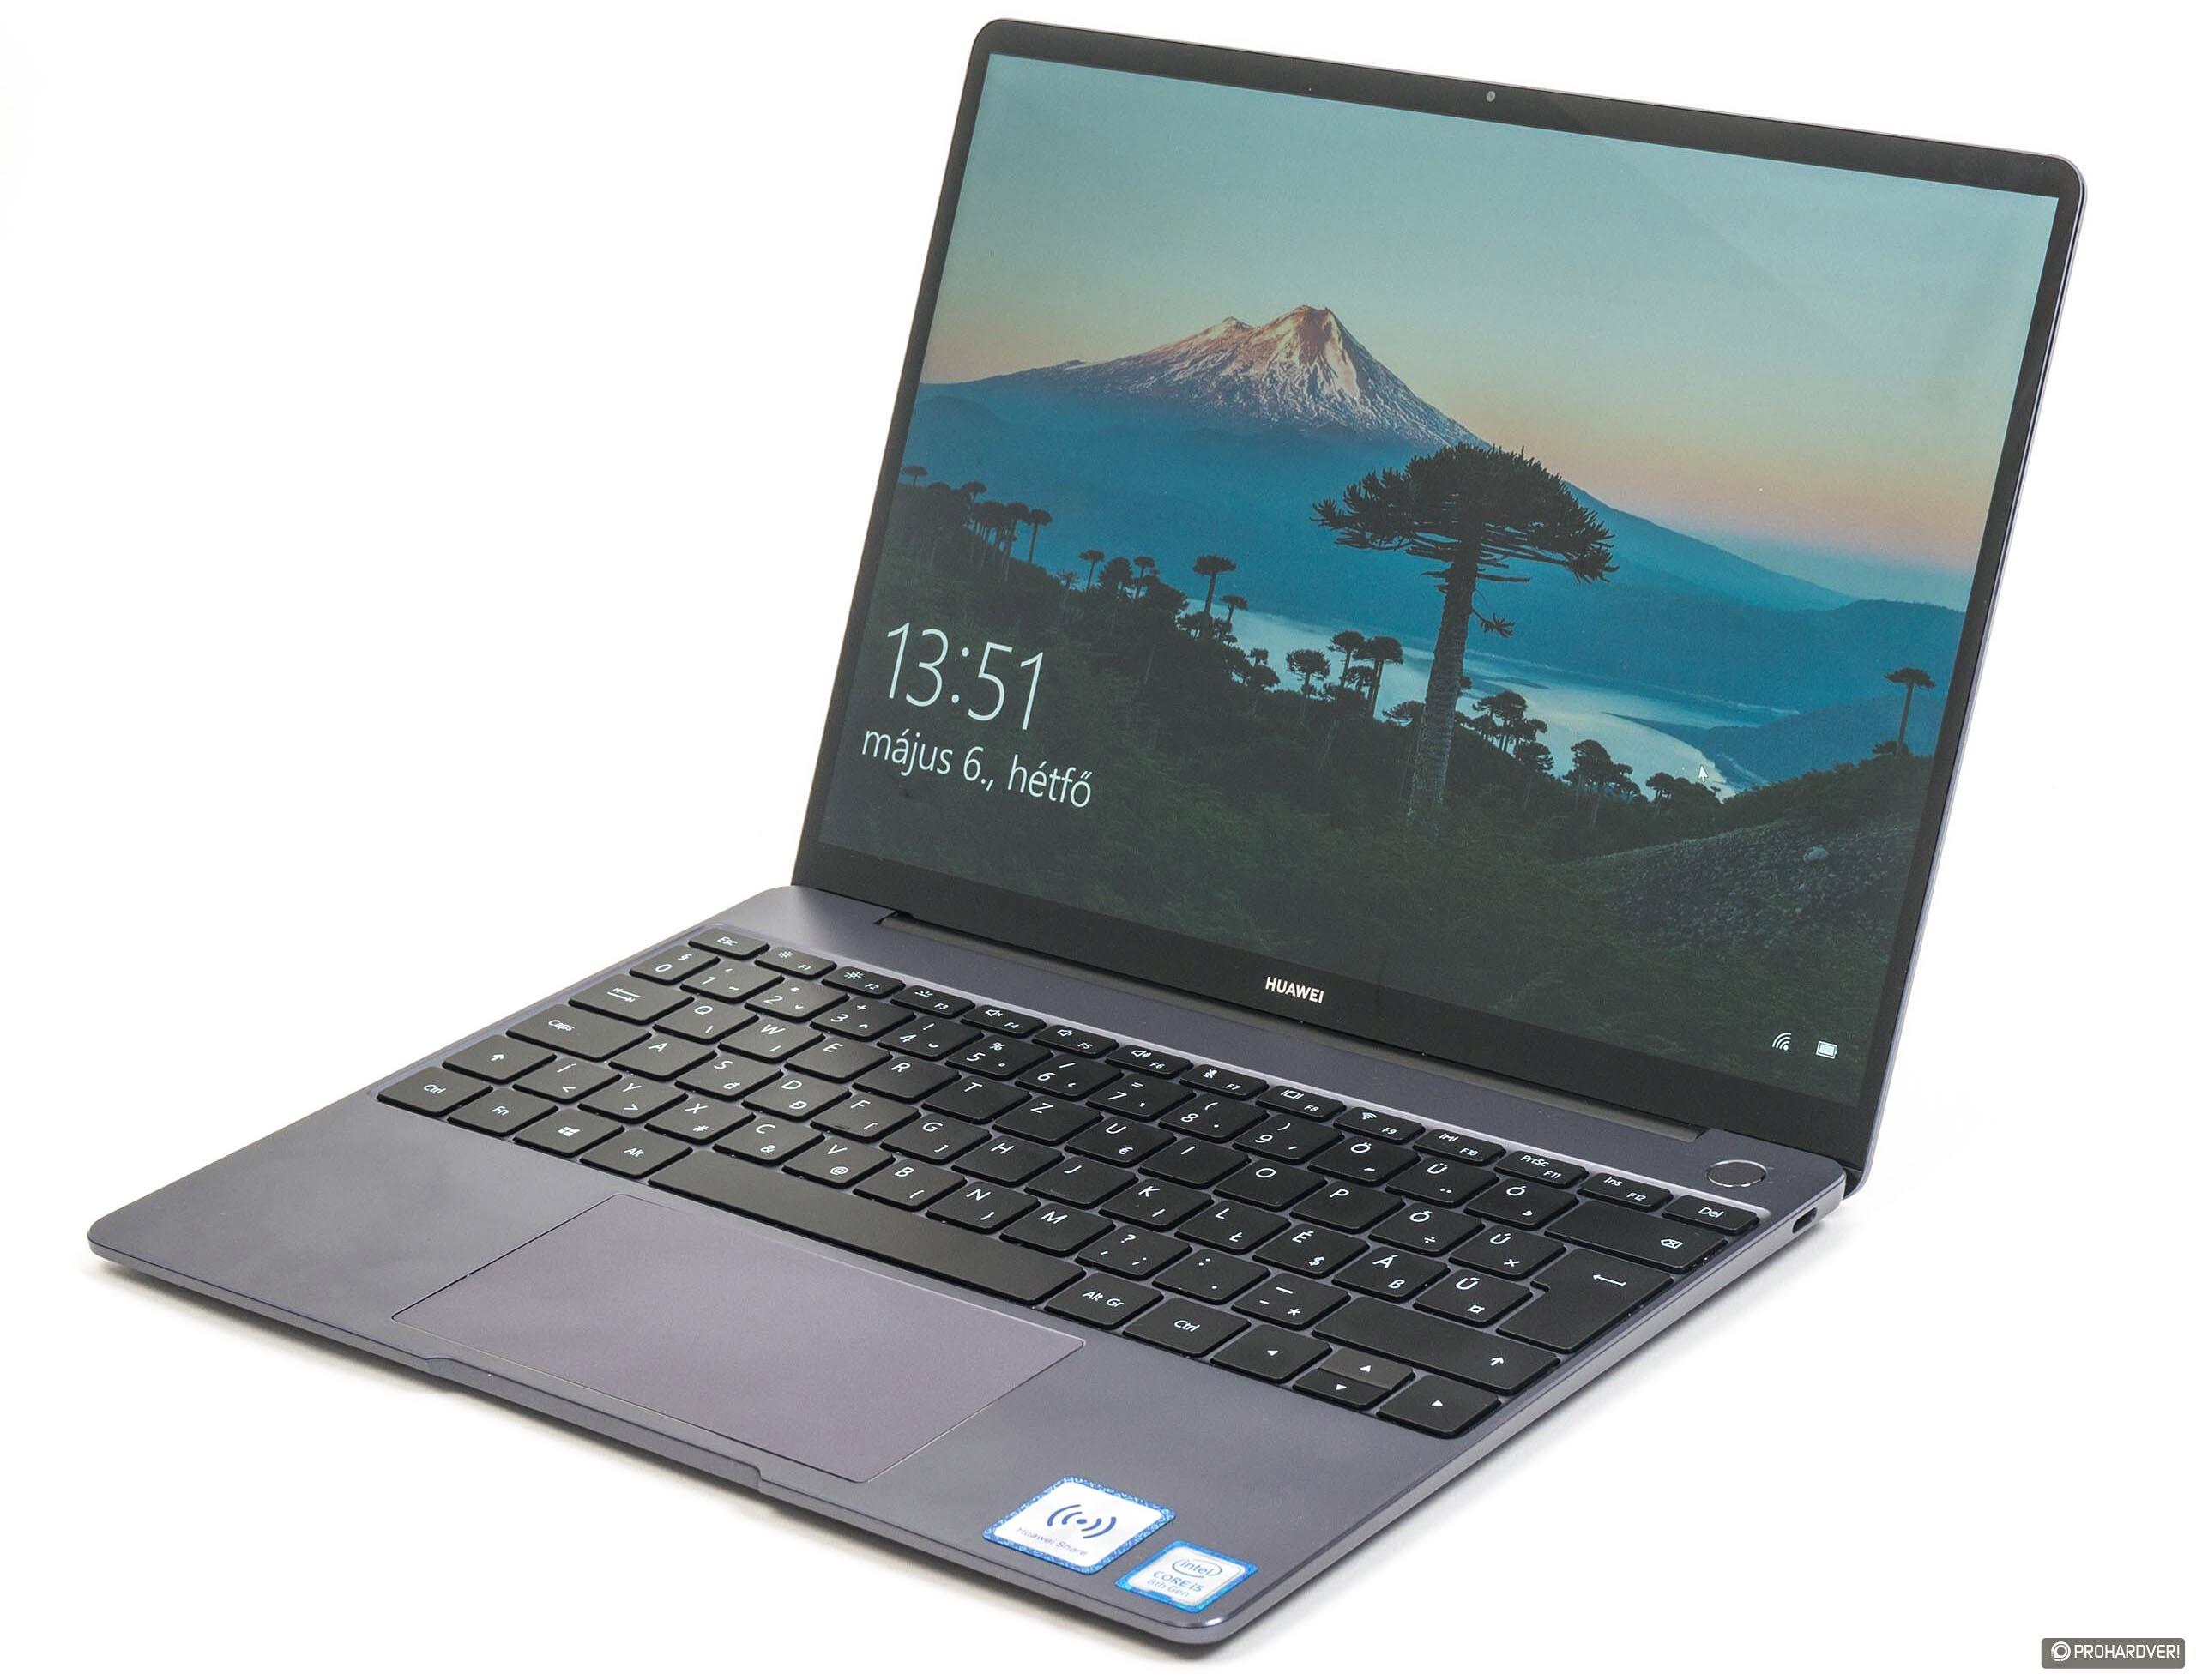 laptop kereskedéshez programok automatikus keresethez btcon